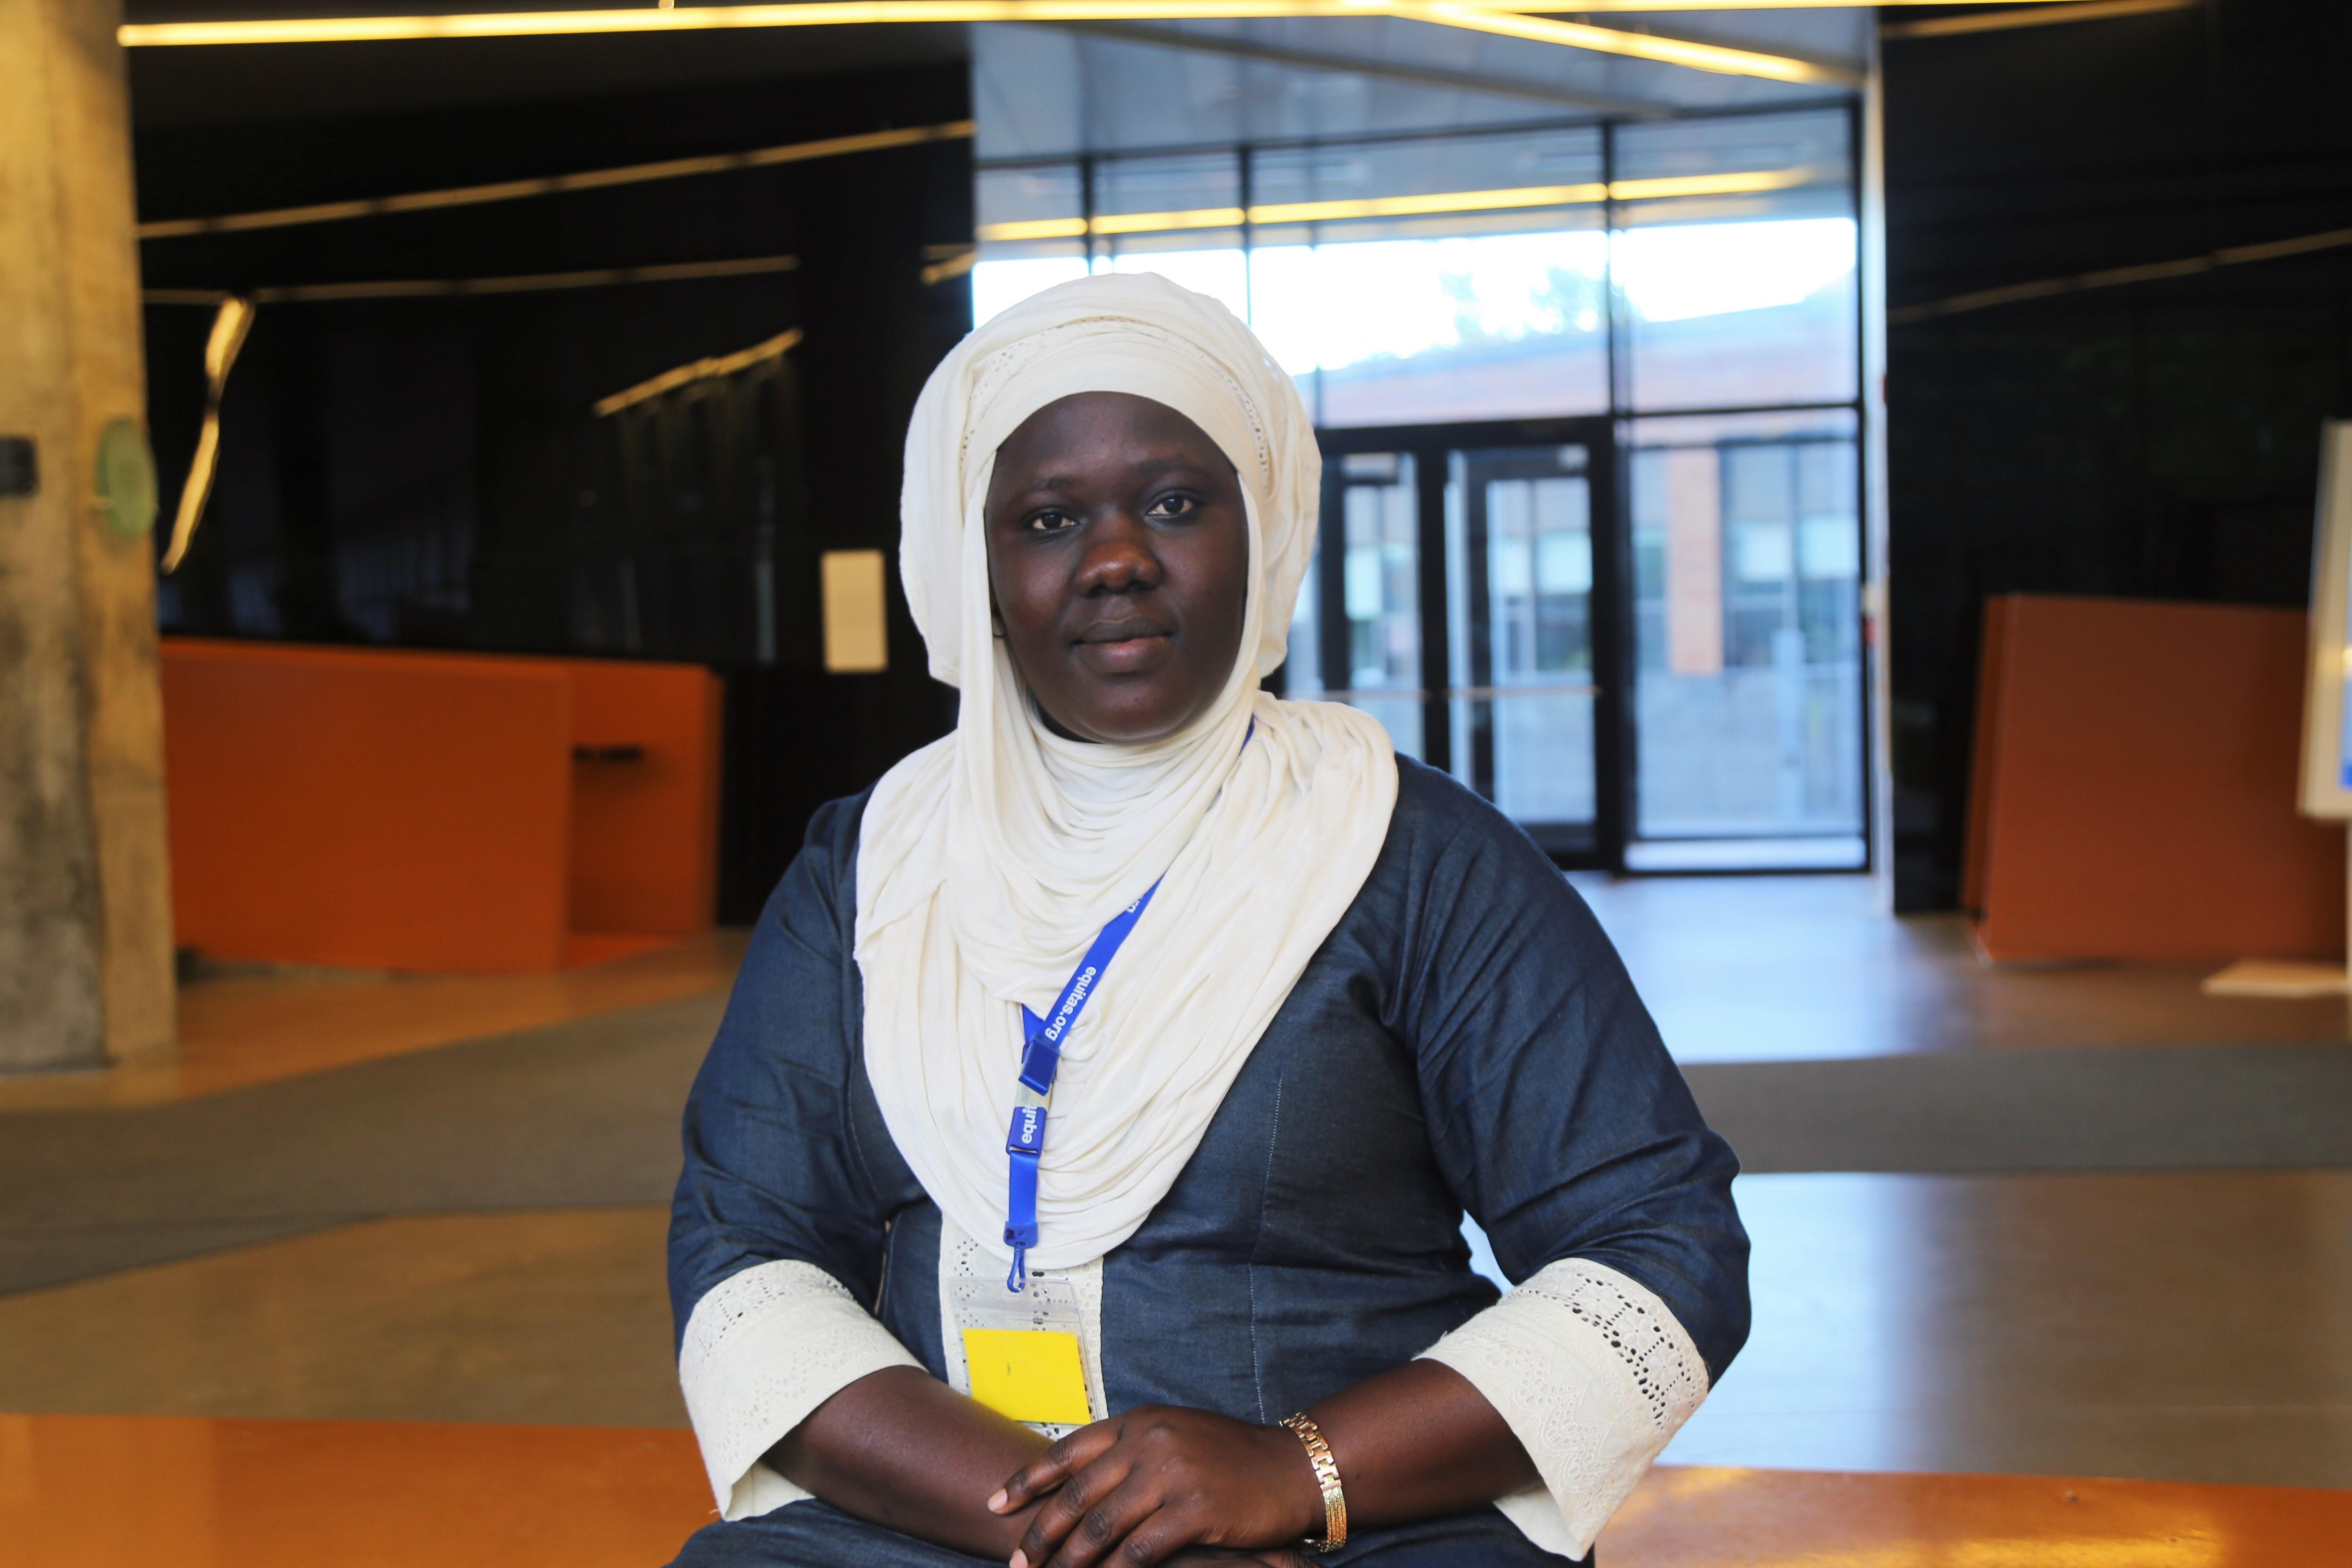 La Sénégalaise Salie Thiam la récipiendaire 2017 de la Bourse Ruth Selwyn pour participer au Programme international de formation en droits humains